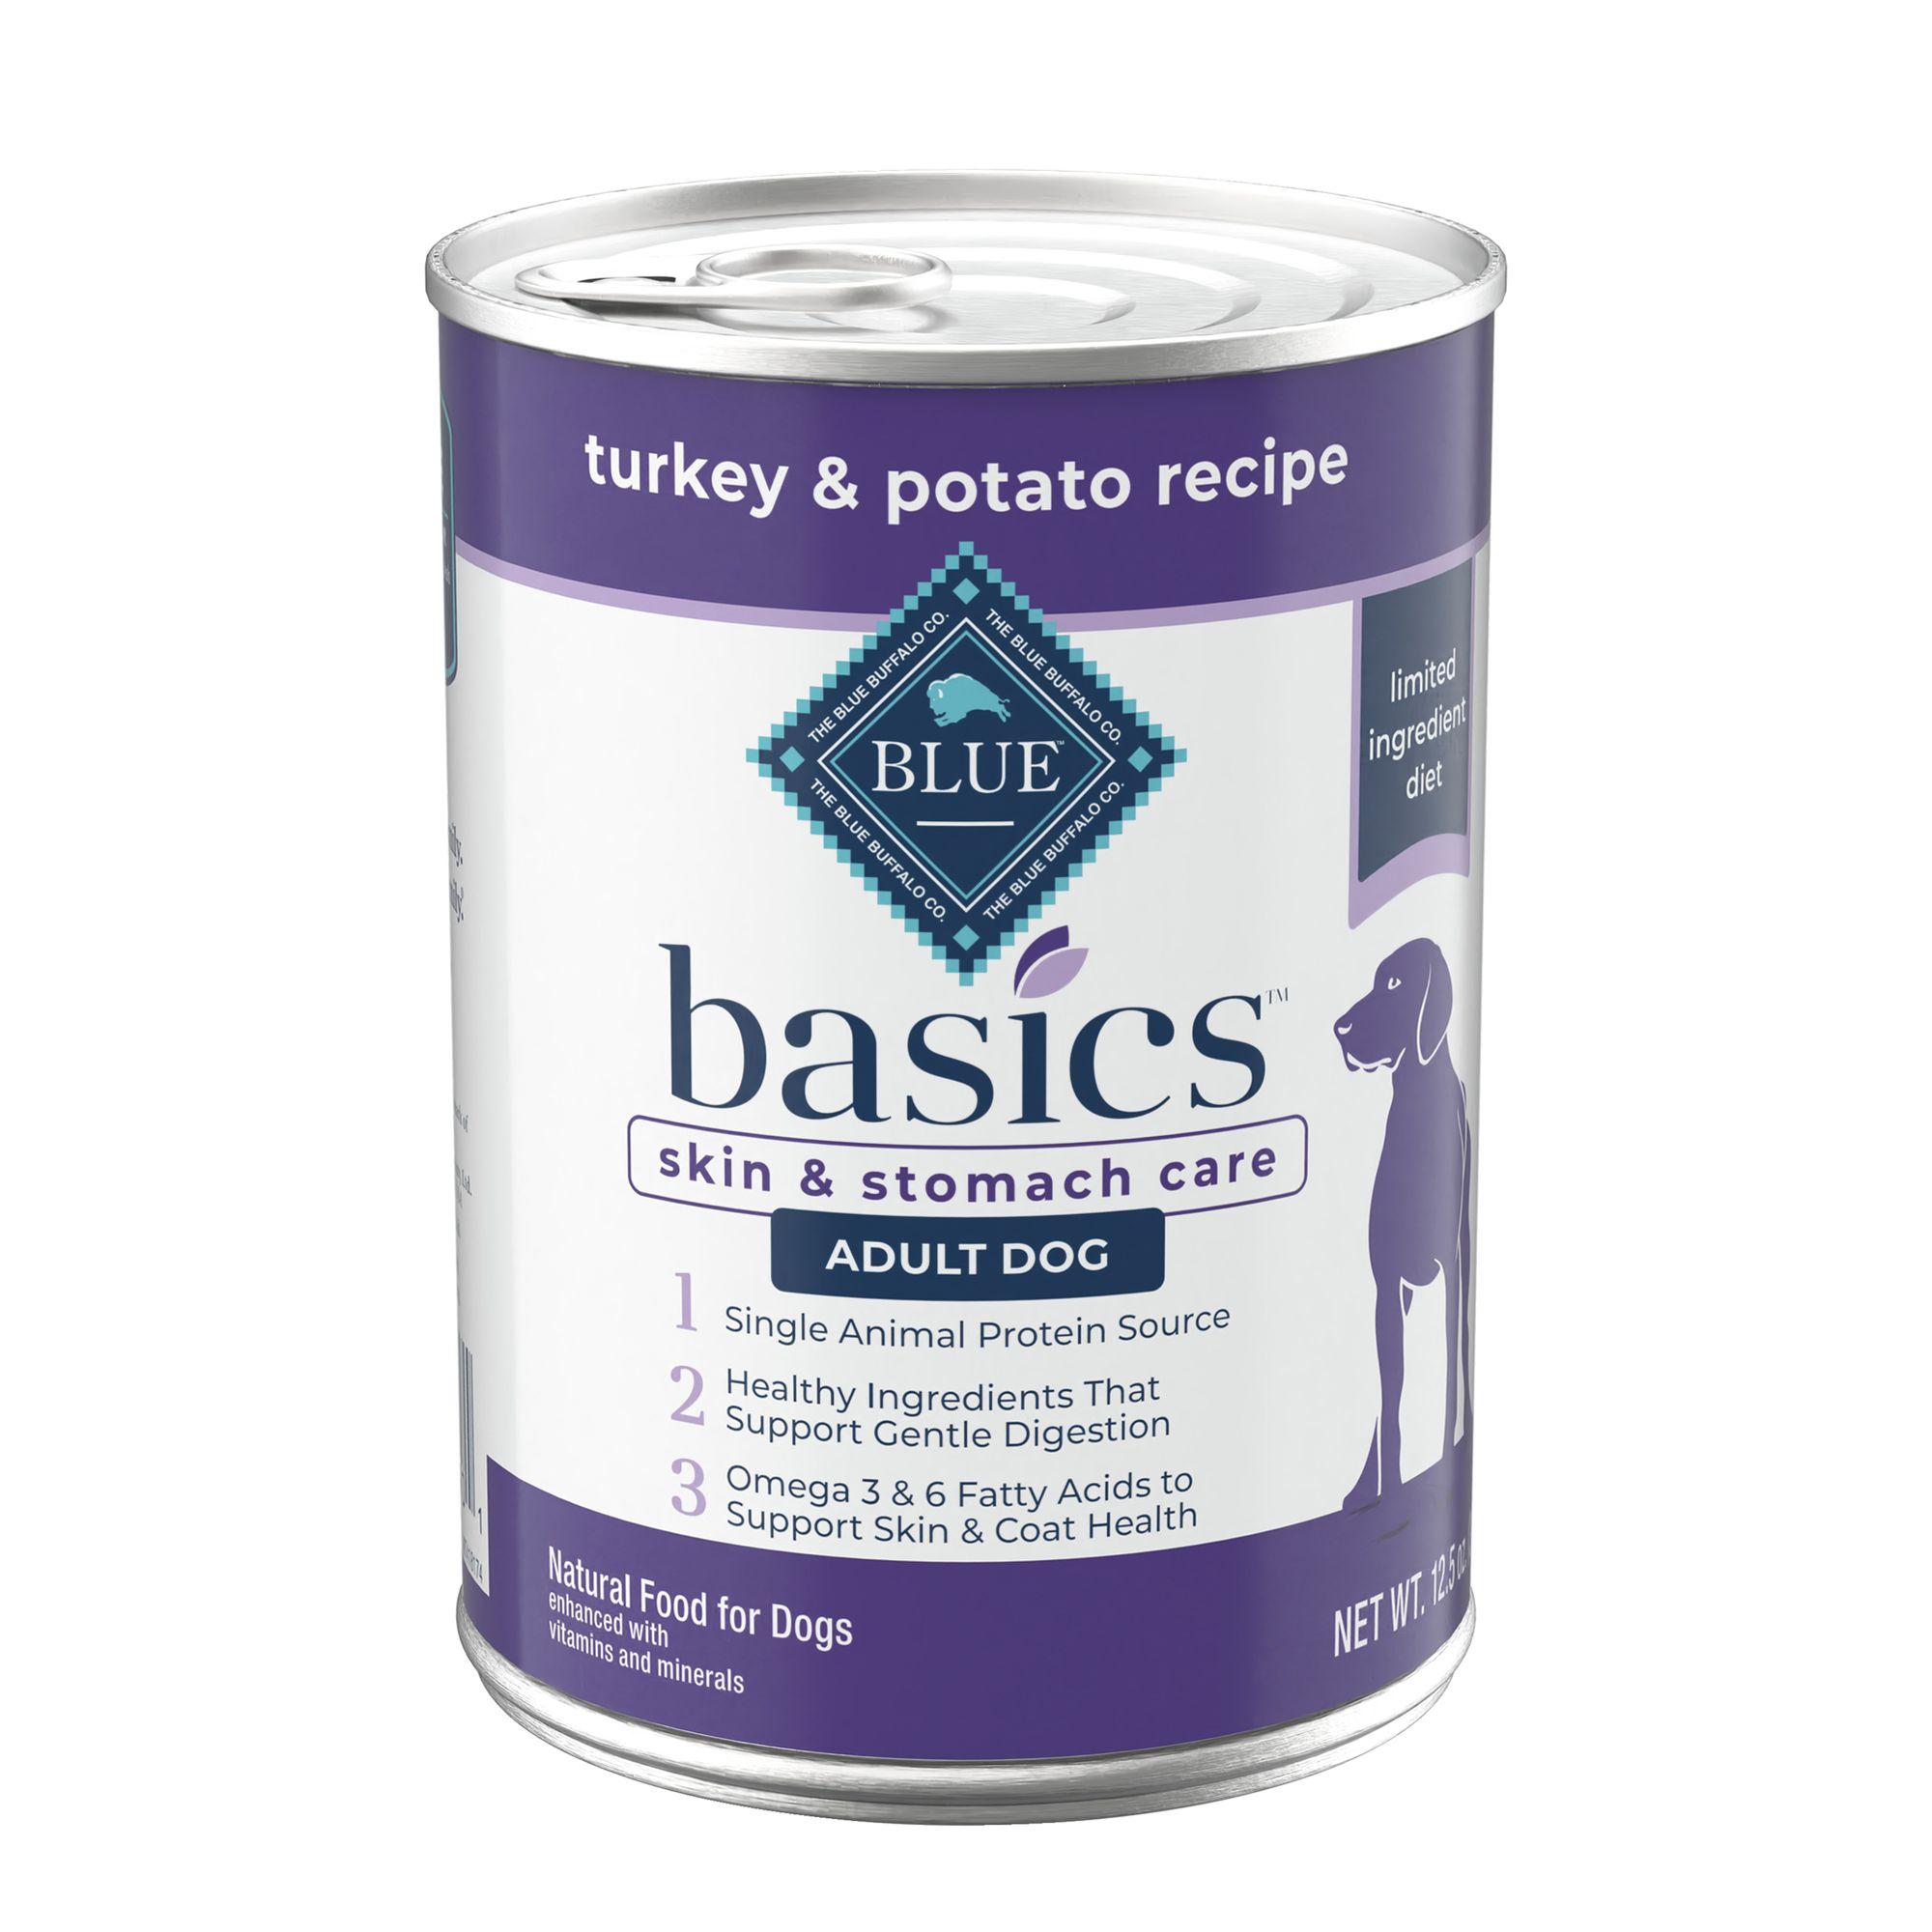 Blue Basics Limited Ingredient Adult Dog Food Size 12.5 Oz Blue Buffalo